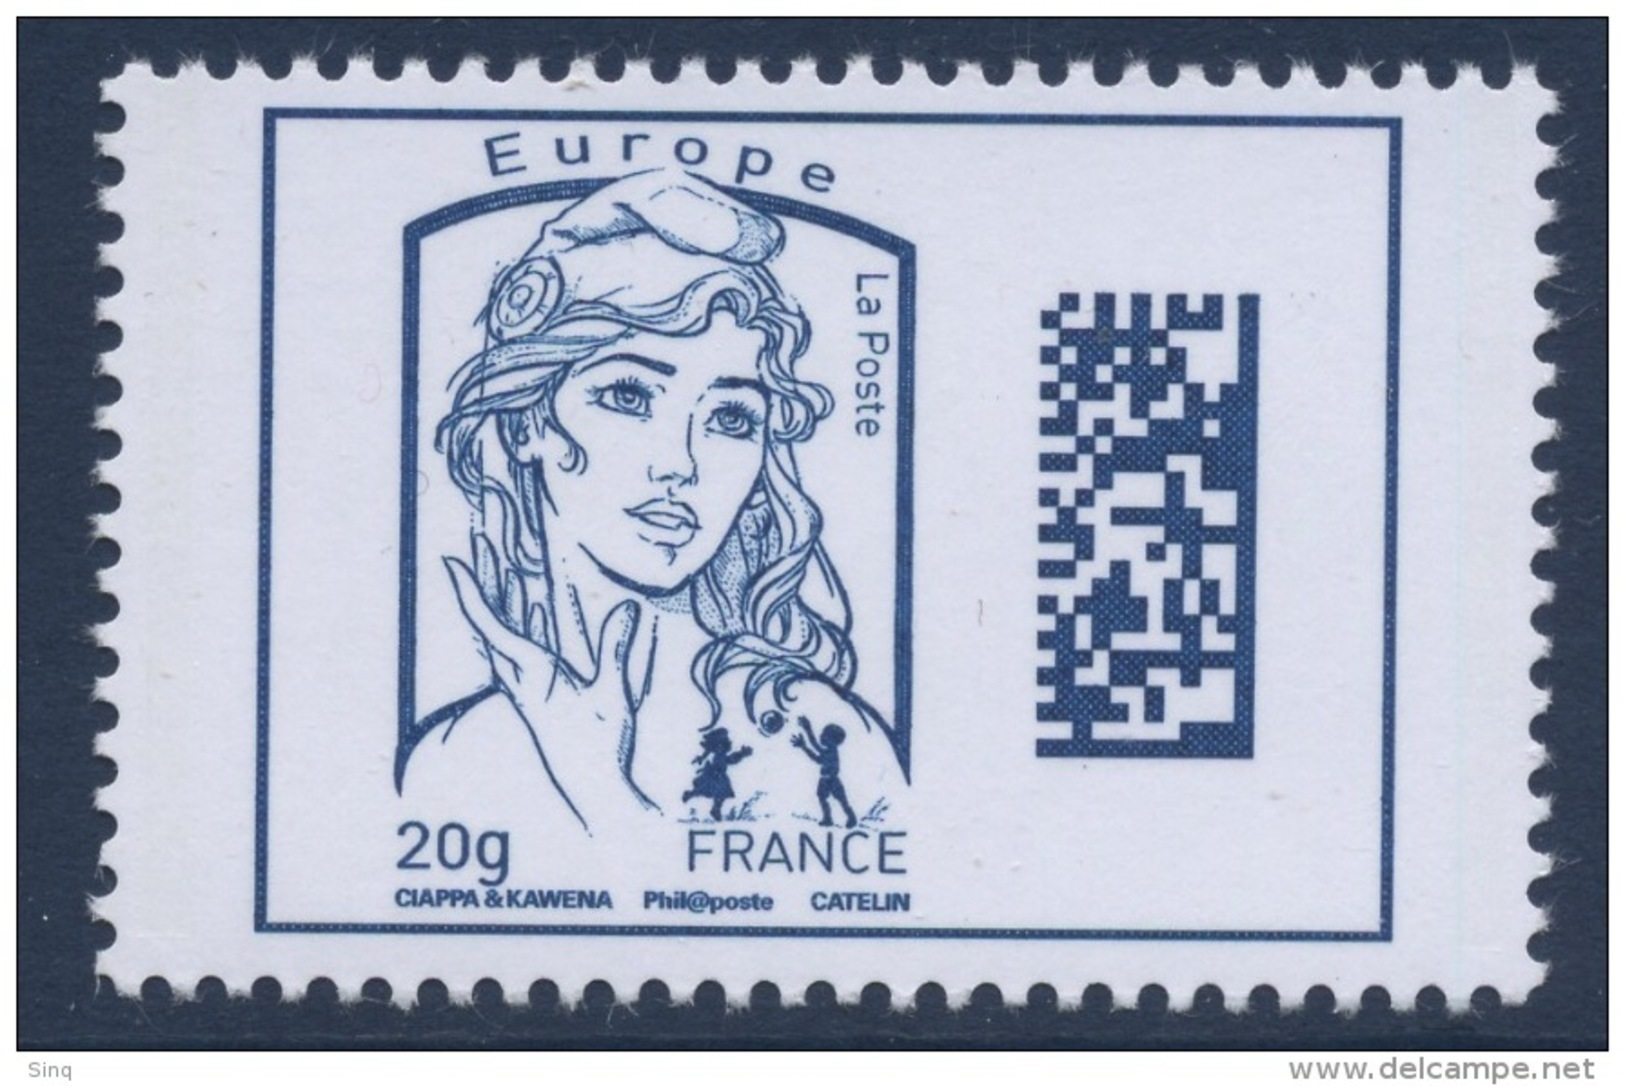 N° 4975 Marianne Datamatrix Faciale Europe 20g - Unused Stamps